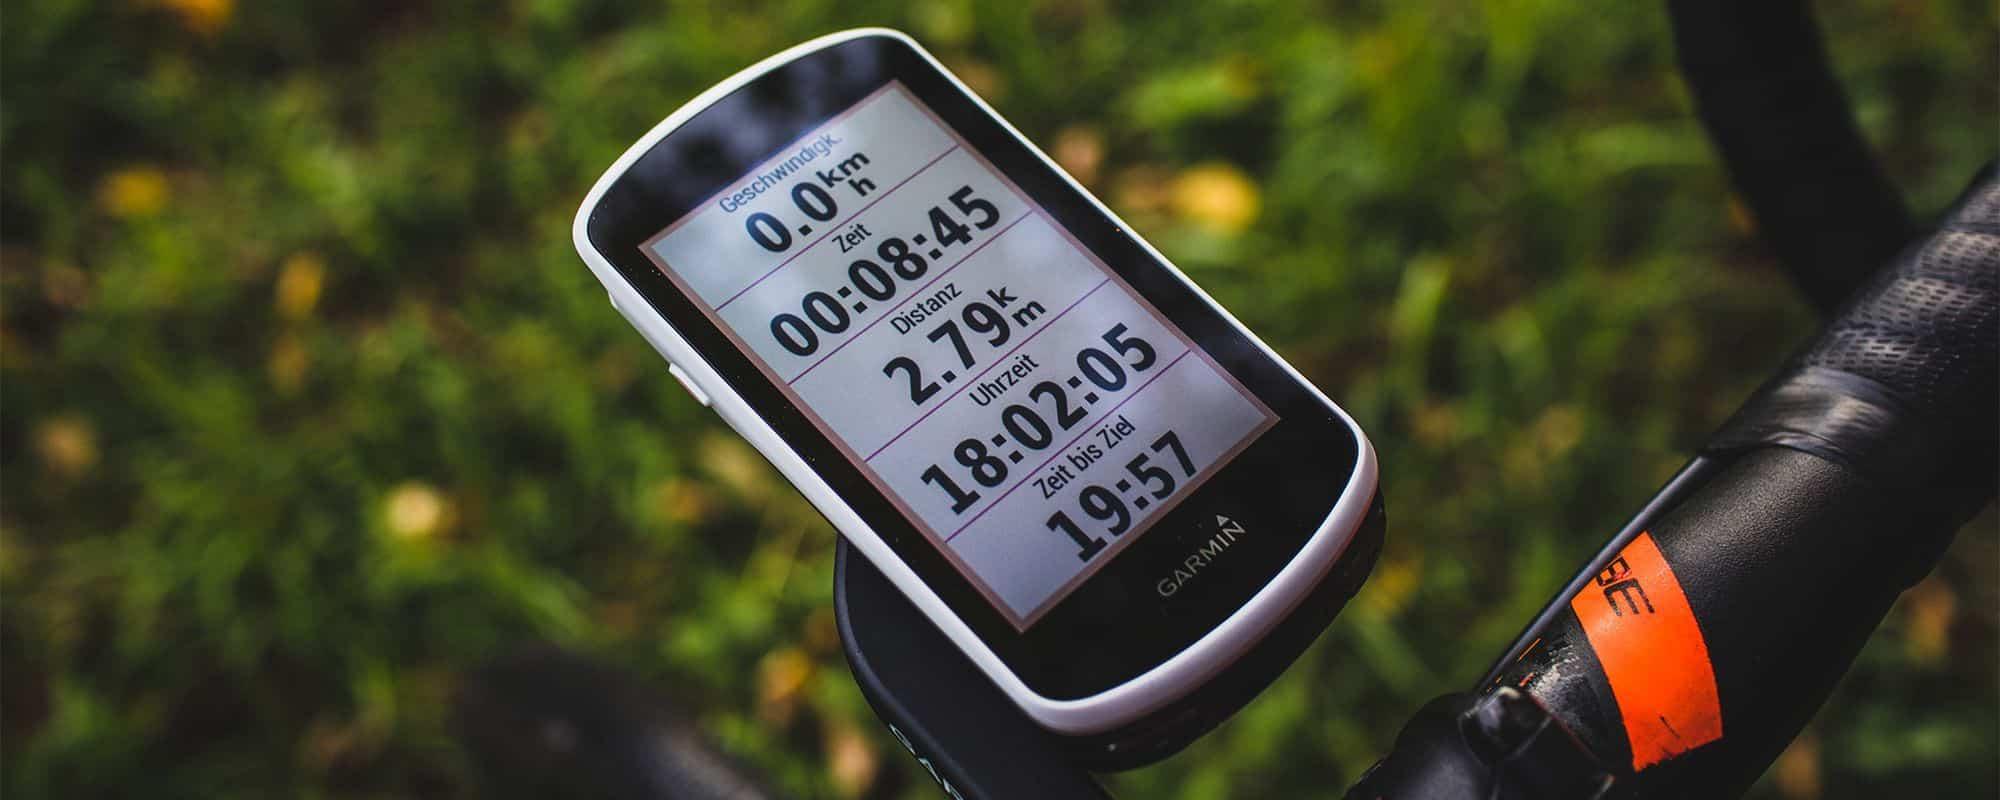 Garmin Edge 1030 Test - Fahrrad-Navi Test und Erfahrungen